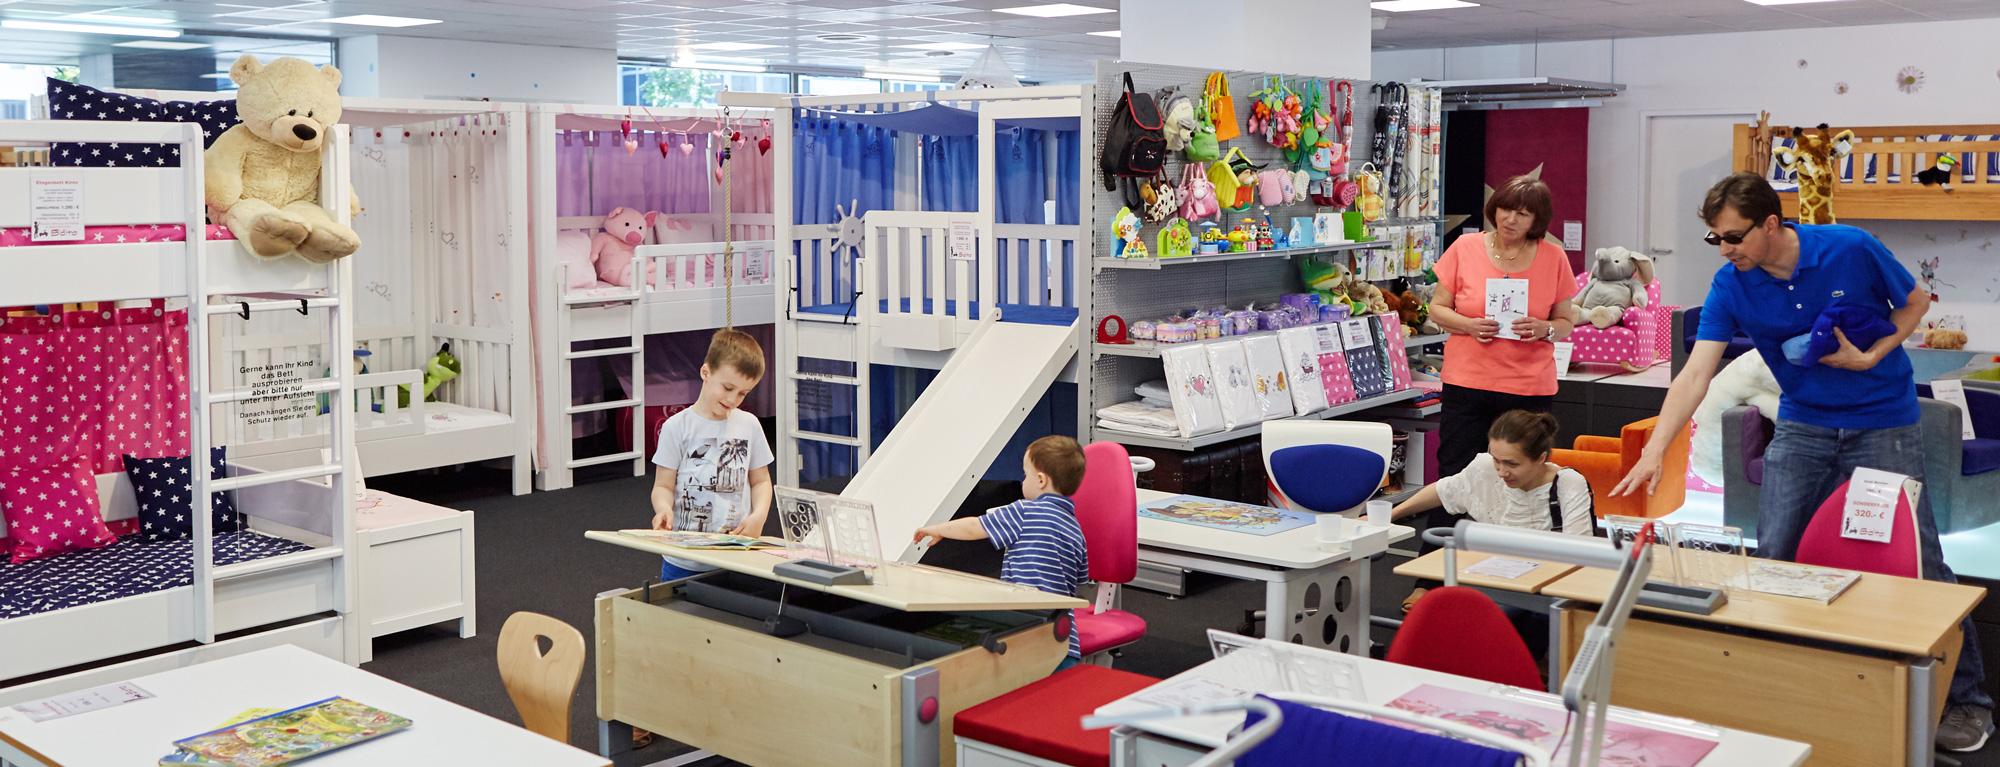 SALTO Kindermöbel München